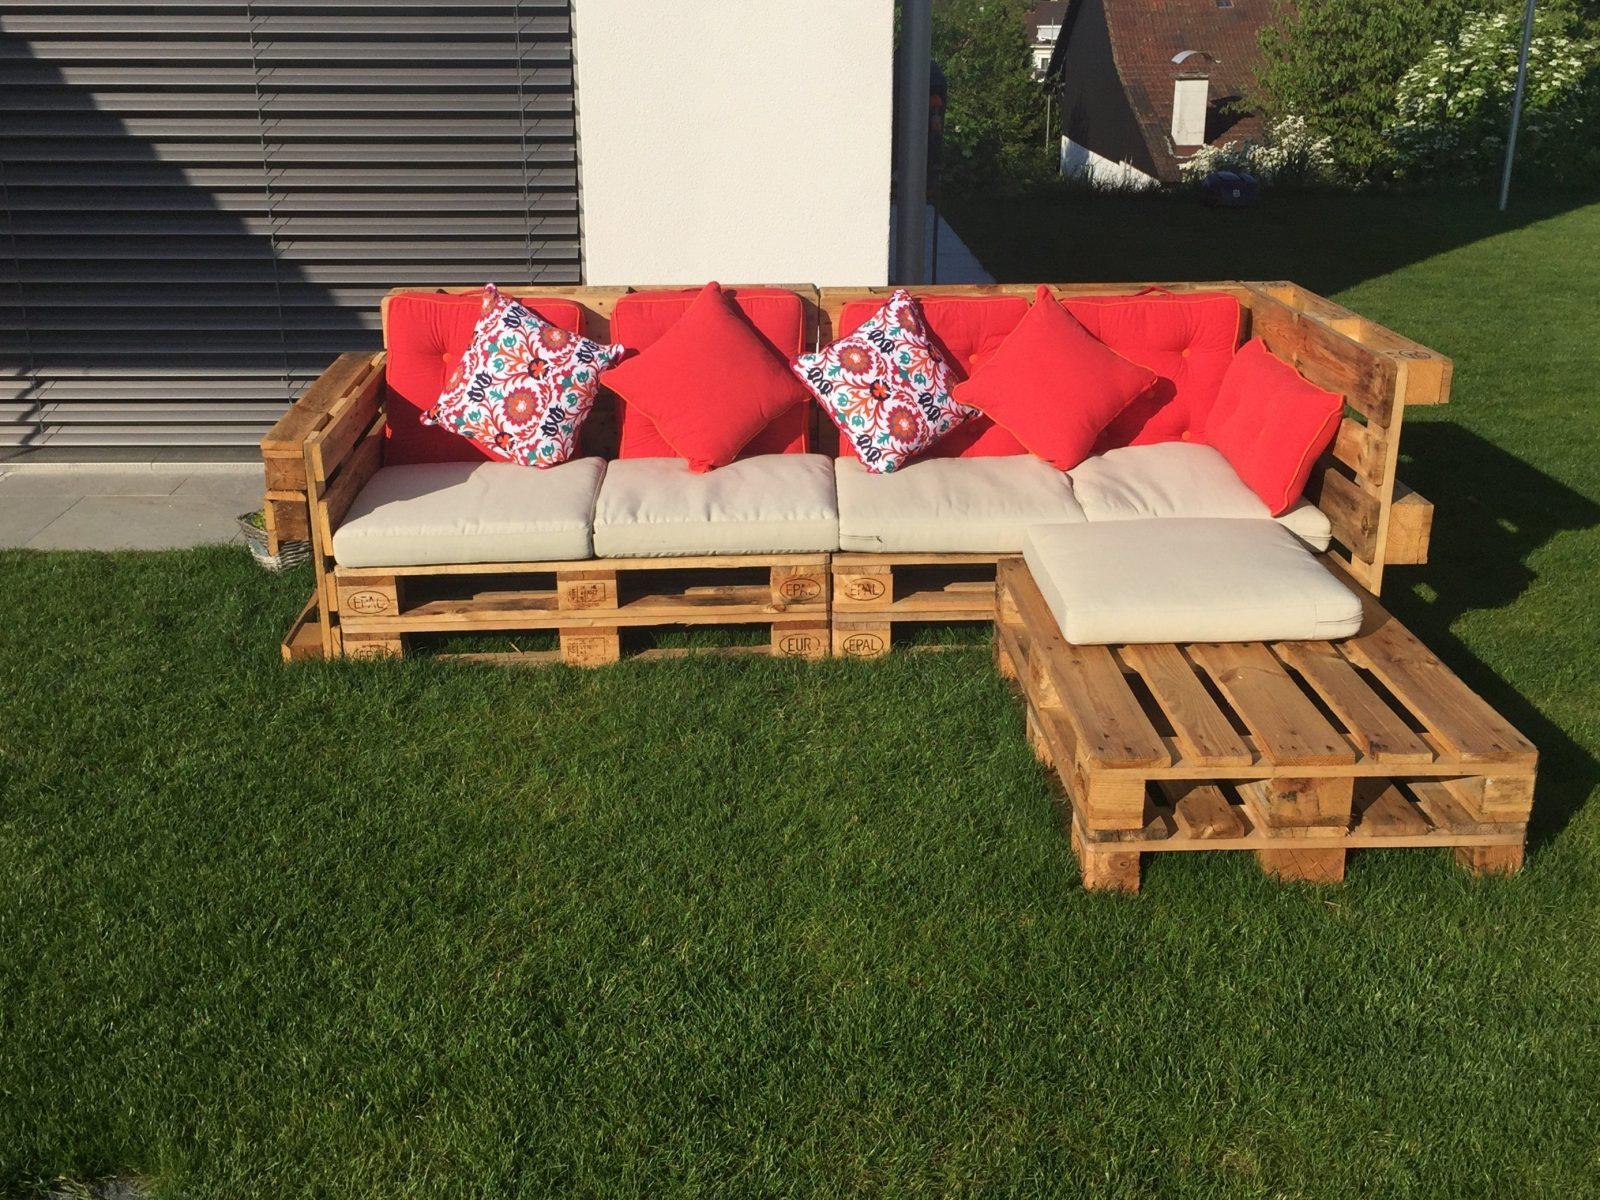 Gartenlounge Aus Paletten Selber Bauen  Heimwerkerking von Garten Lounge Aus Paletten Selber Bauen Bild